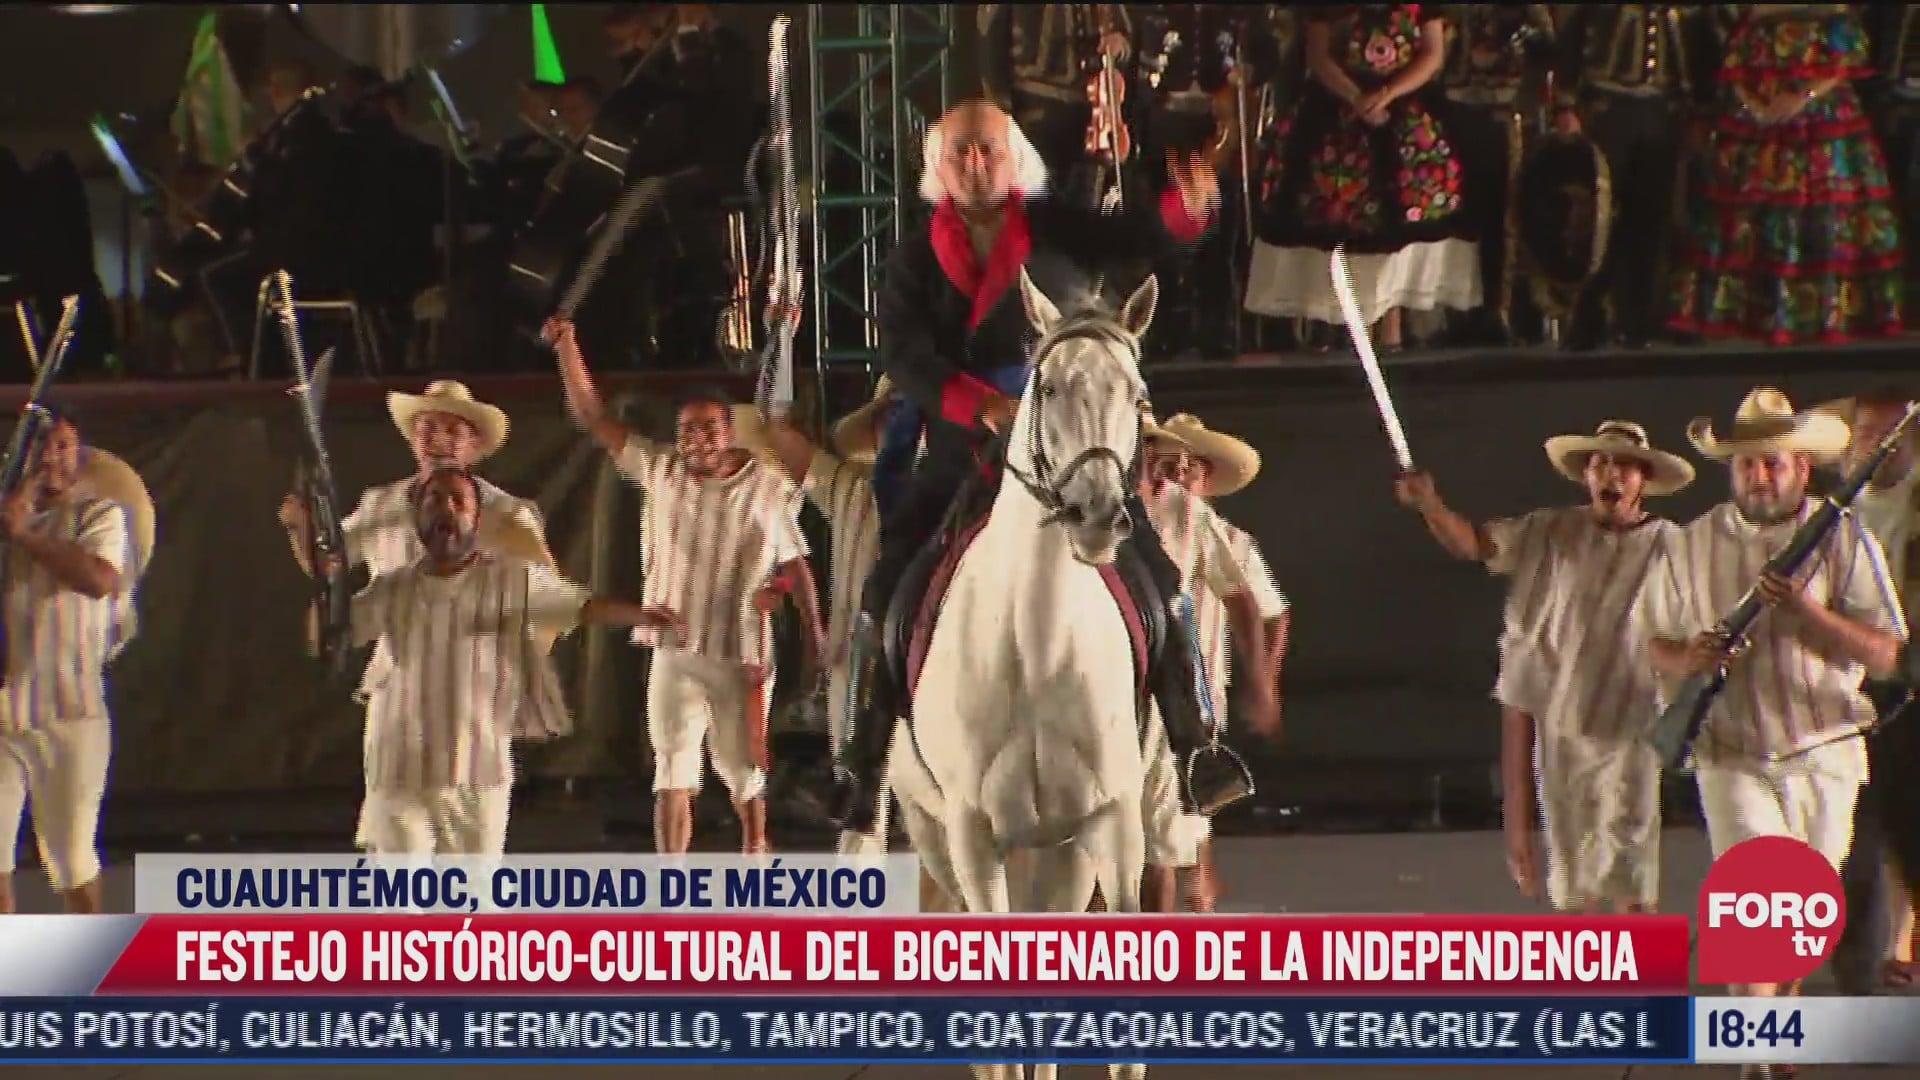 festejo historico cultural del bicentenario de la independencia